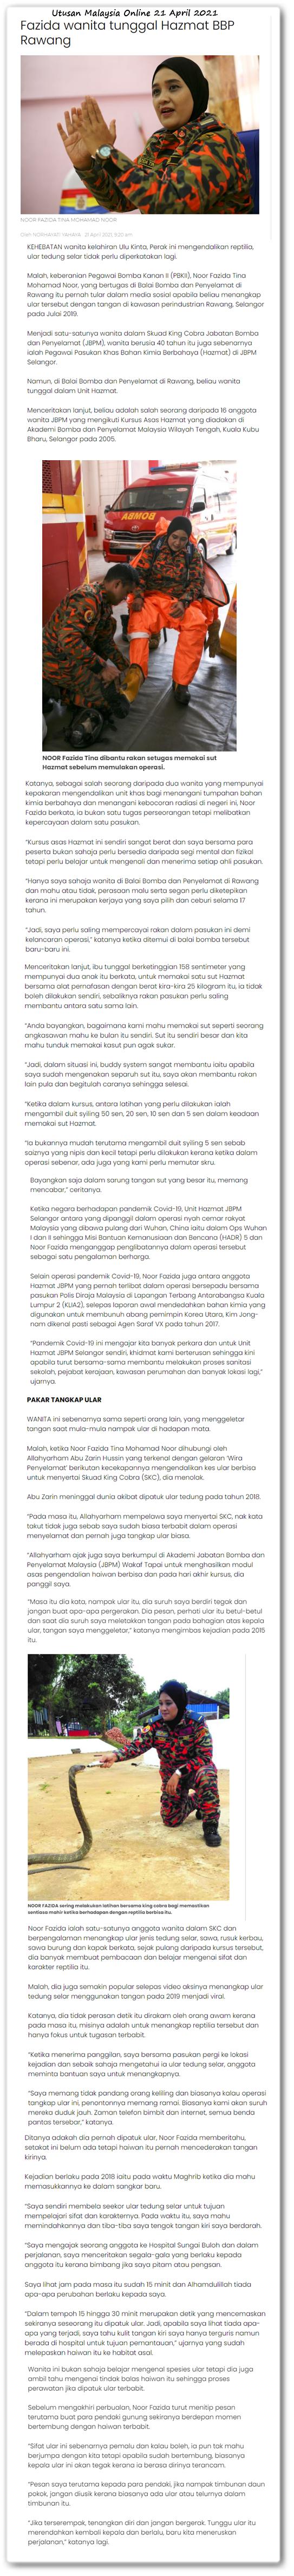 Fazida wanita tunggal Hazmat BBP Rawang - Keratan akhbar online Utusan Malaysia 21 April 2021